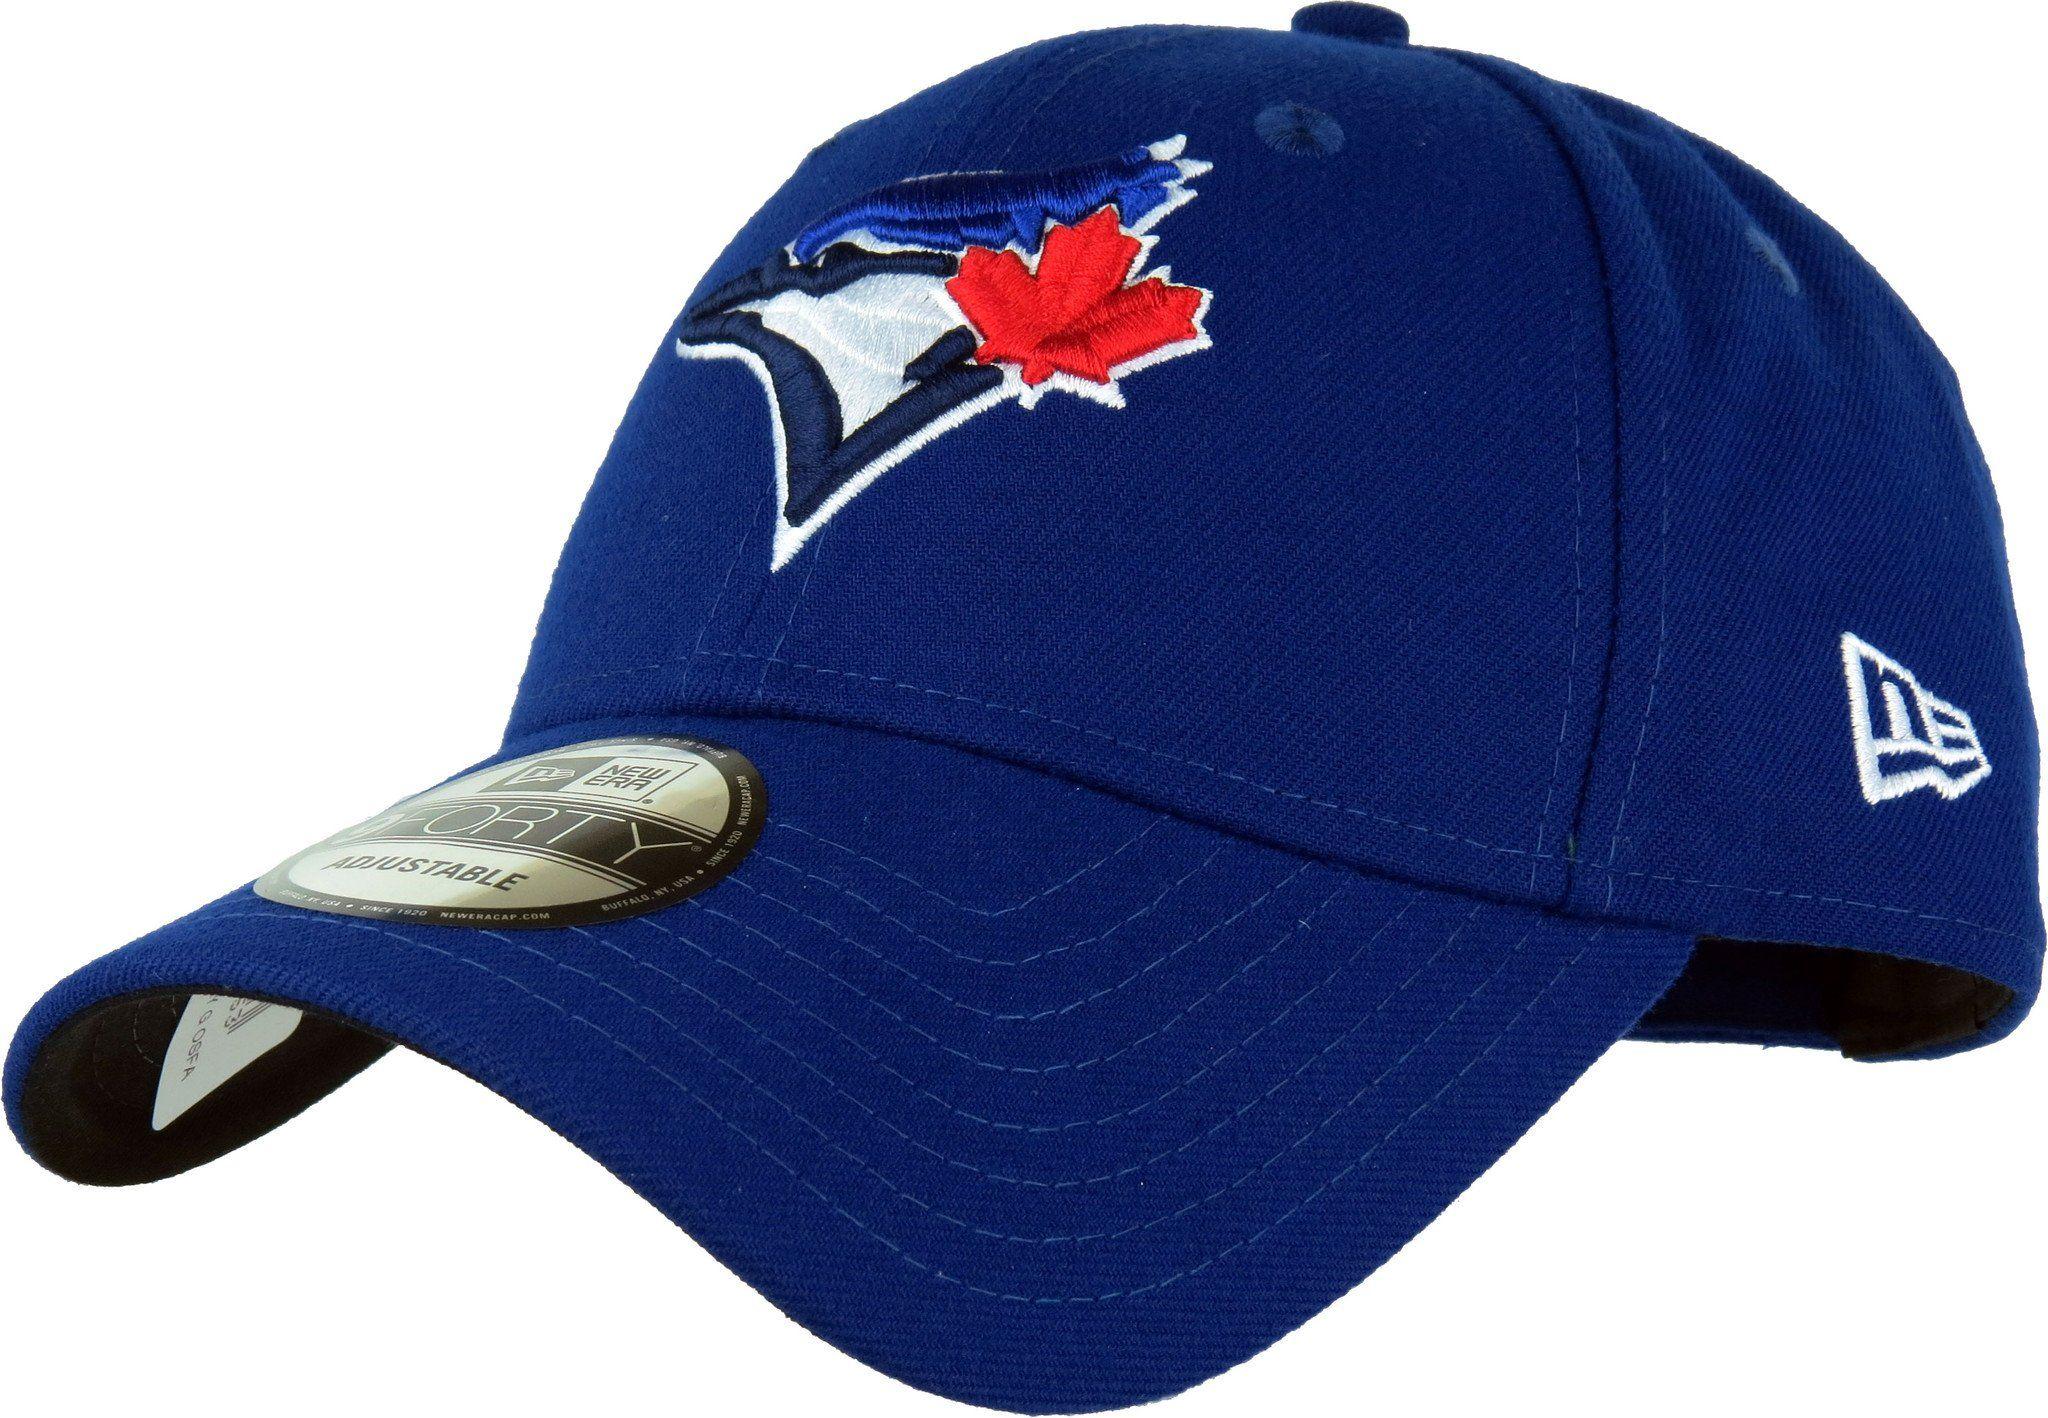 45a6a6d5476 Toronto Blue Jays New Era 940 The League Pinch Hitter Baseball Cap –  lovemycap